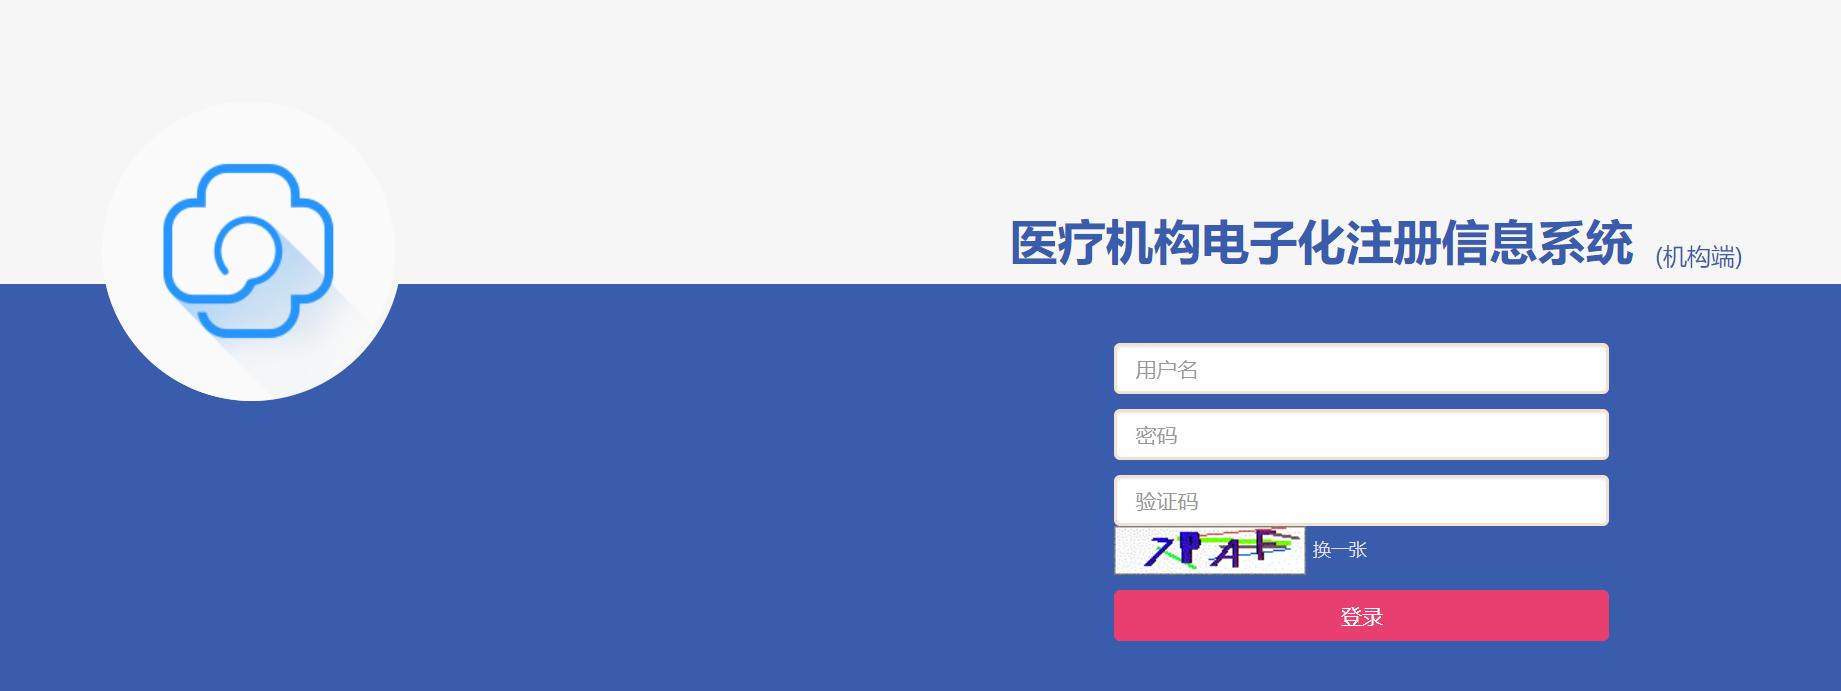 医疗机构电子化注册信息系统 (机构端)入口